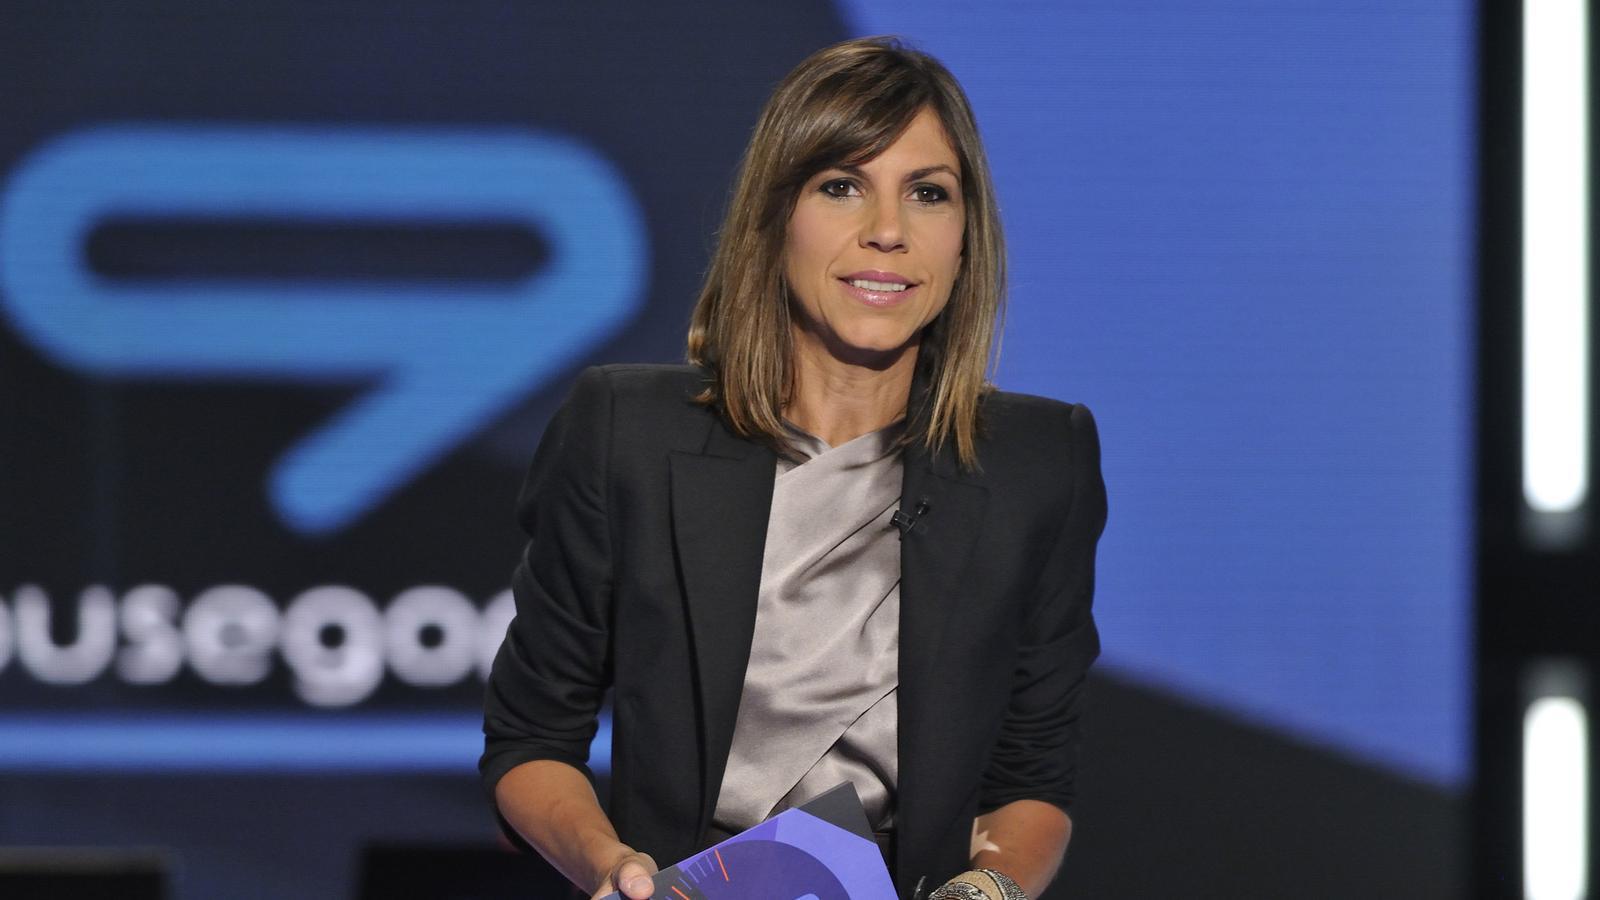 Cristina Puig Que Va Substituir Mara Casado A La Meitat De Tercera Temporada